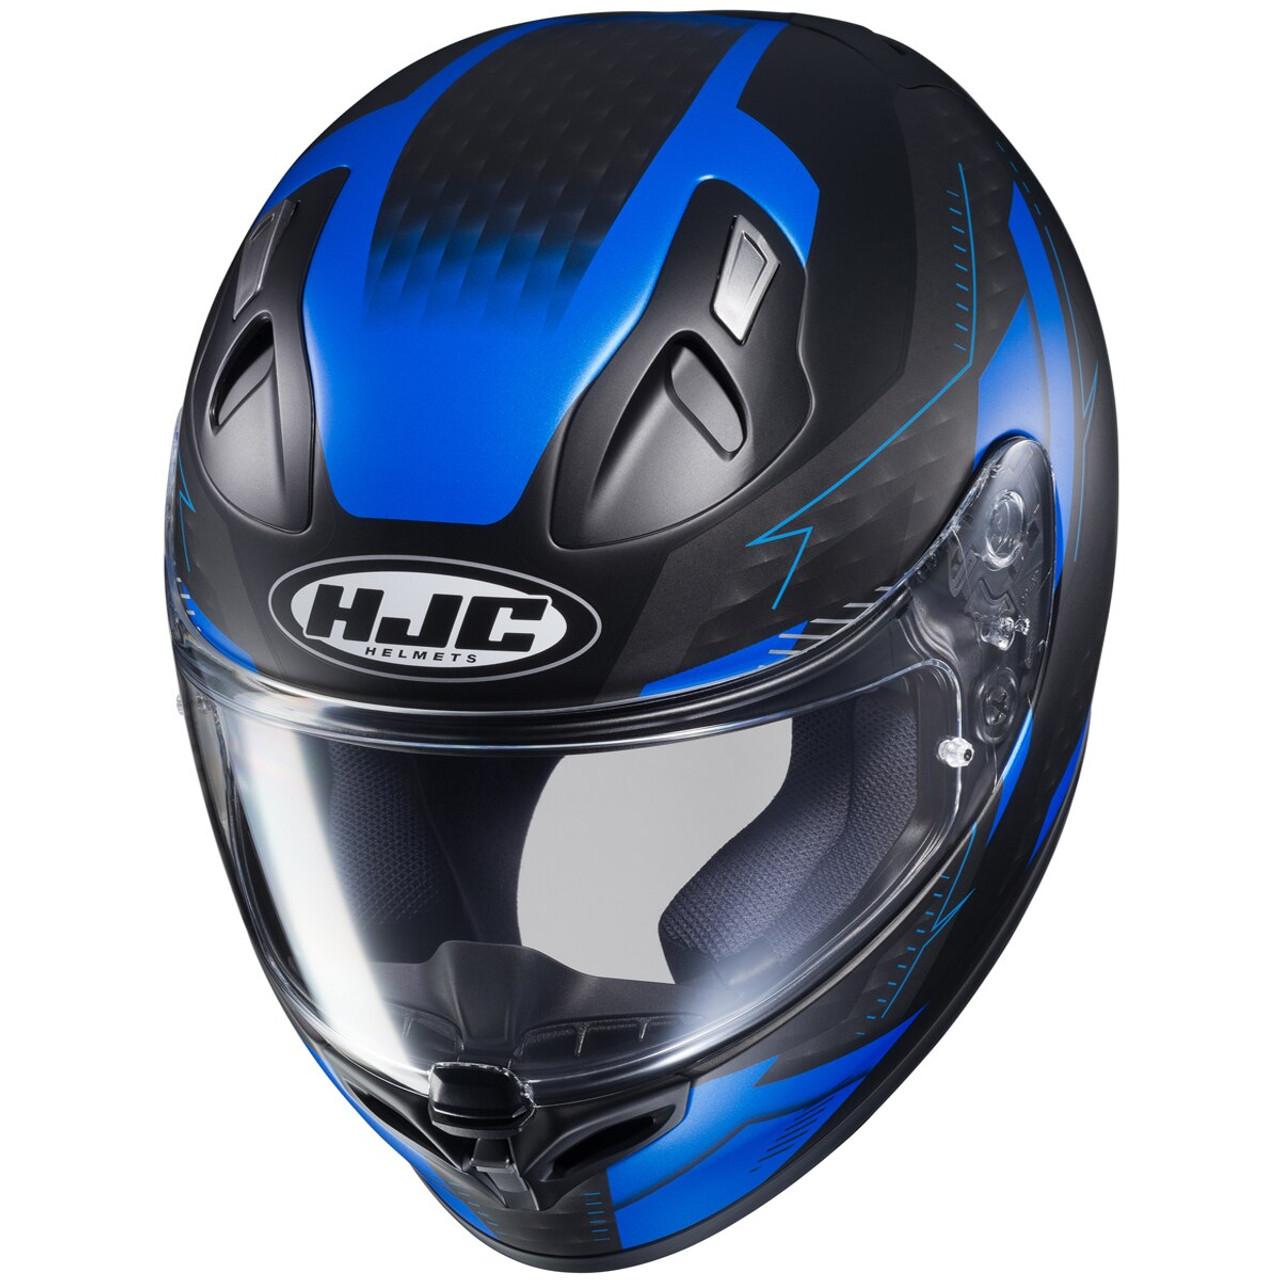 Hjc Fg 17 >> Hjc Fg 17 Talos Helmet